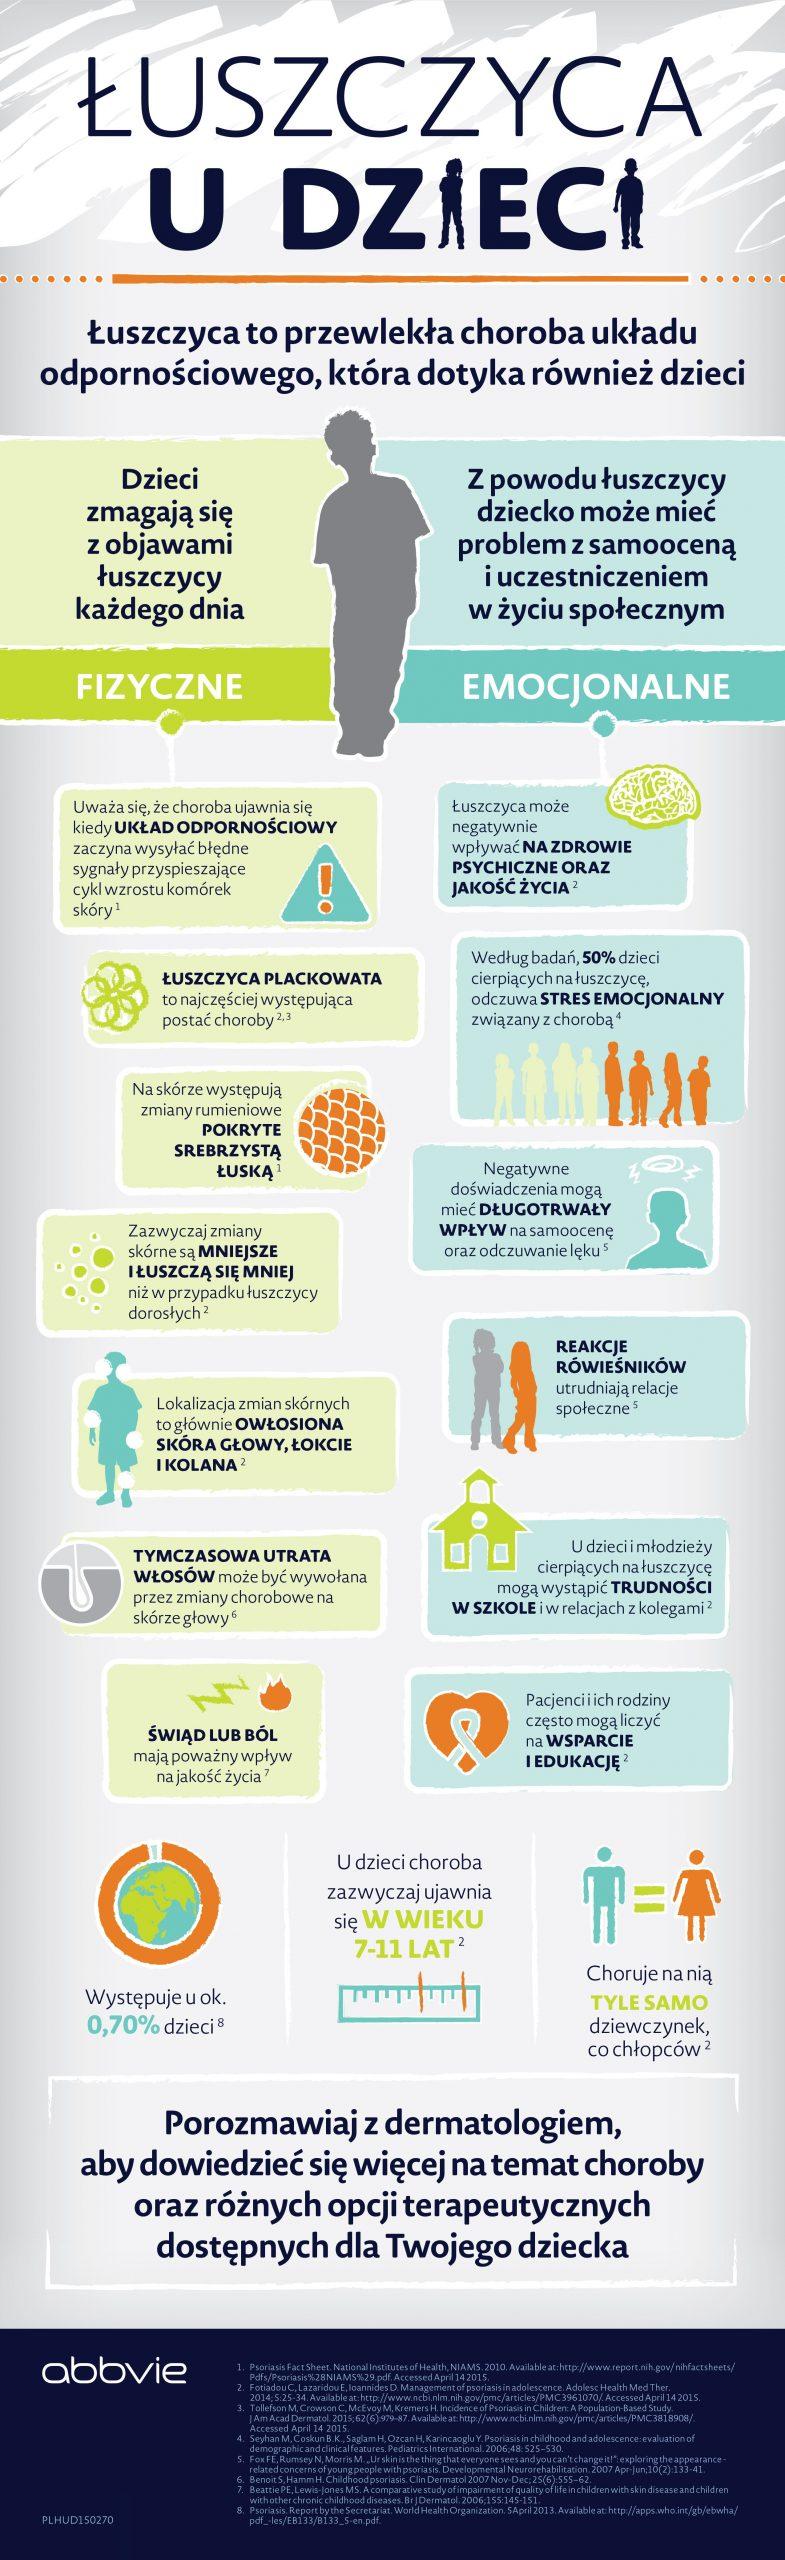 29 października Światowy Dzień Chorych na Łuszczycę